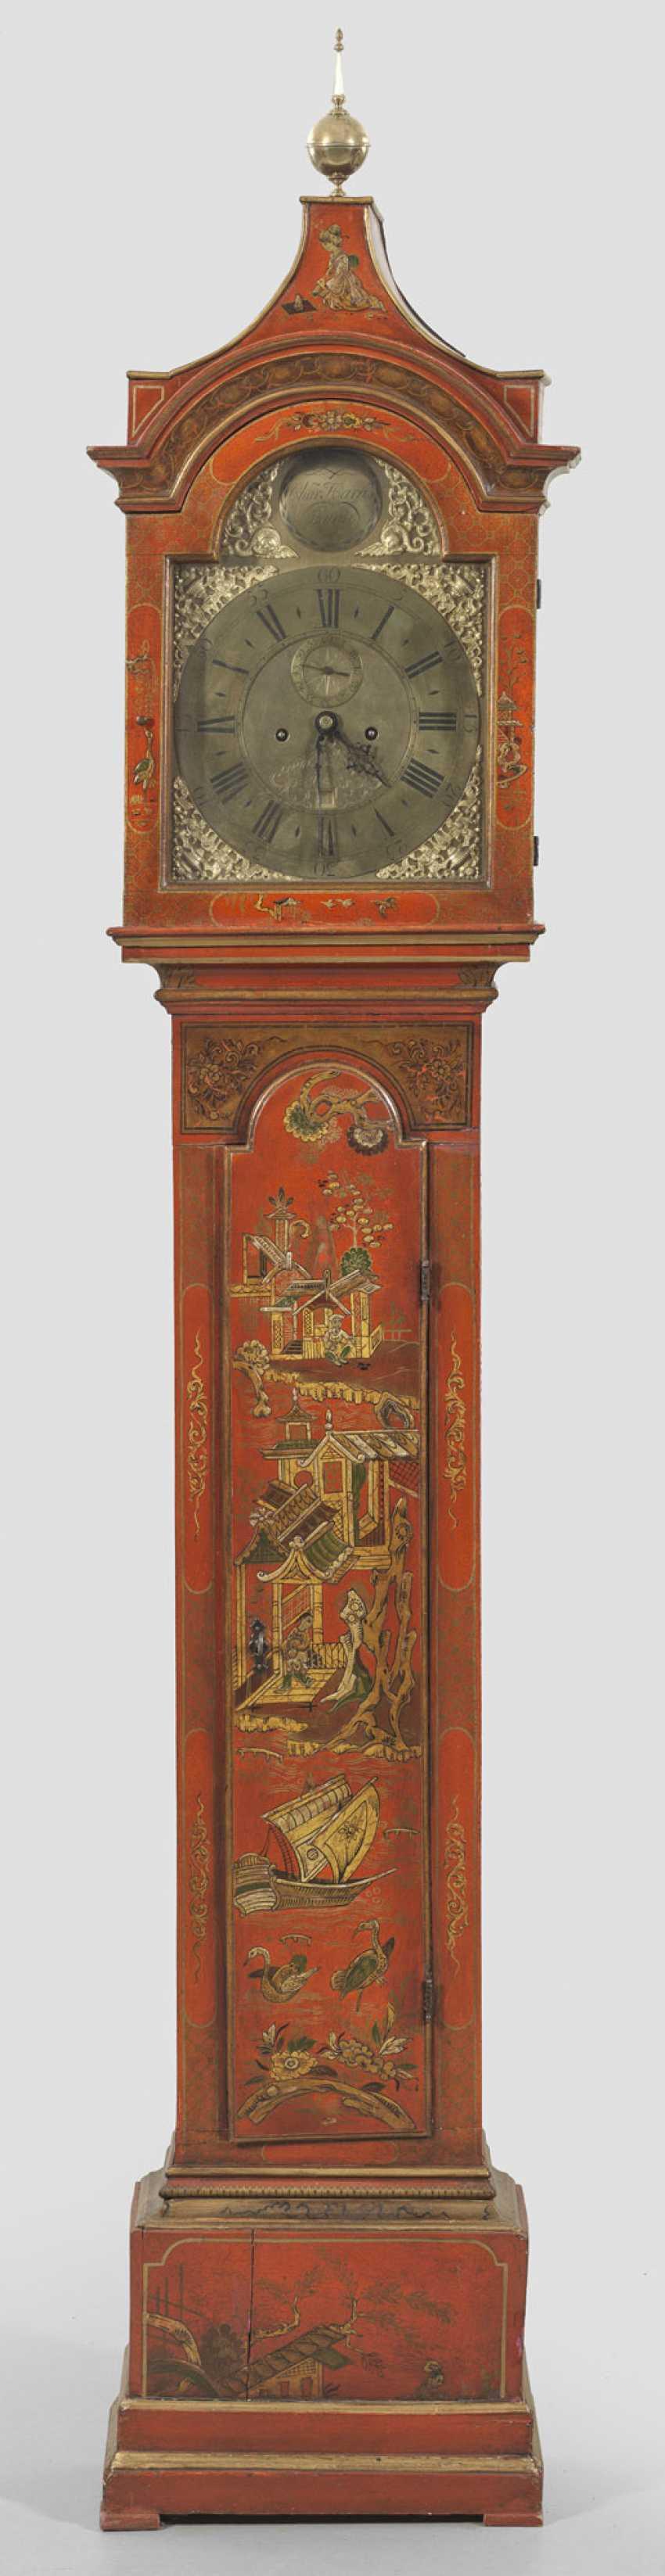 Пола напольные часы с стиле Шинуазри - фото 1